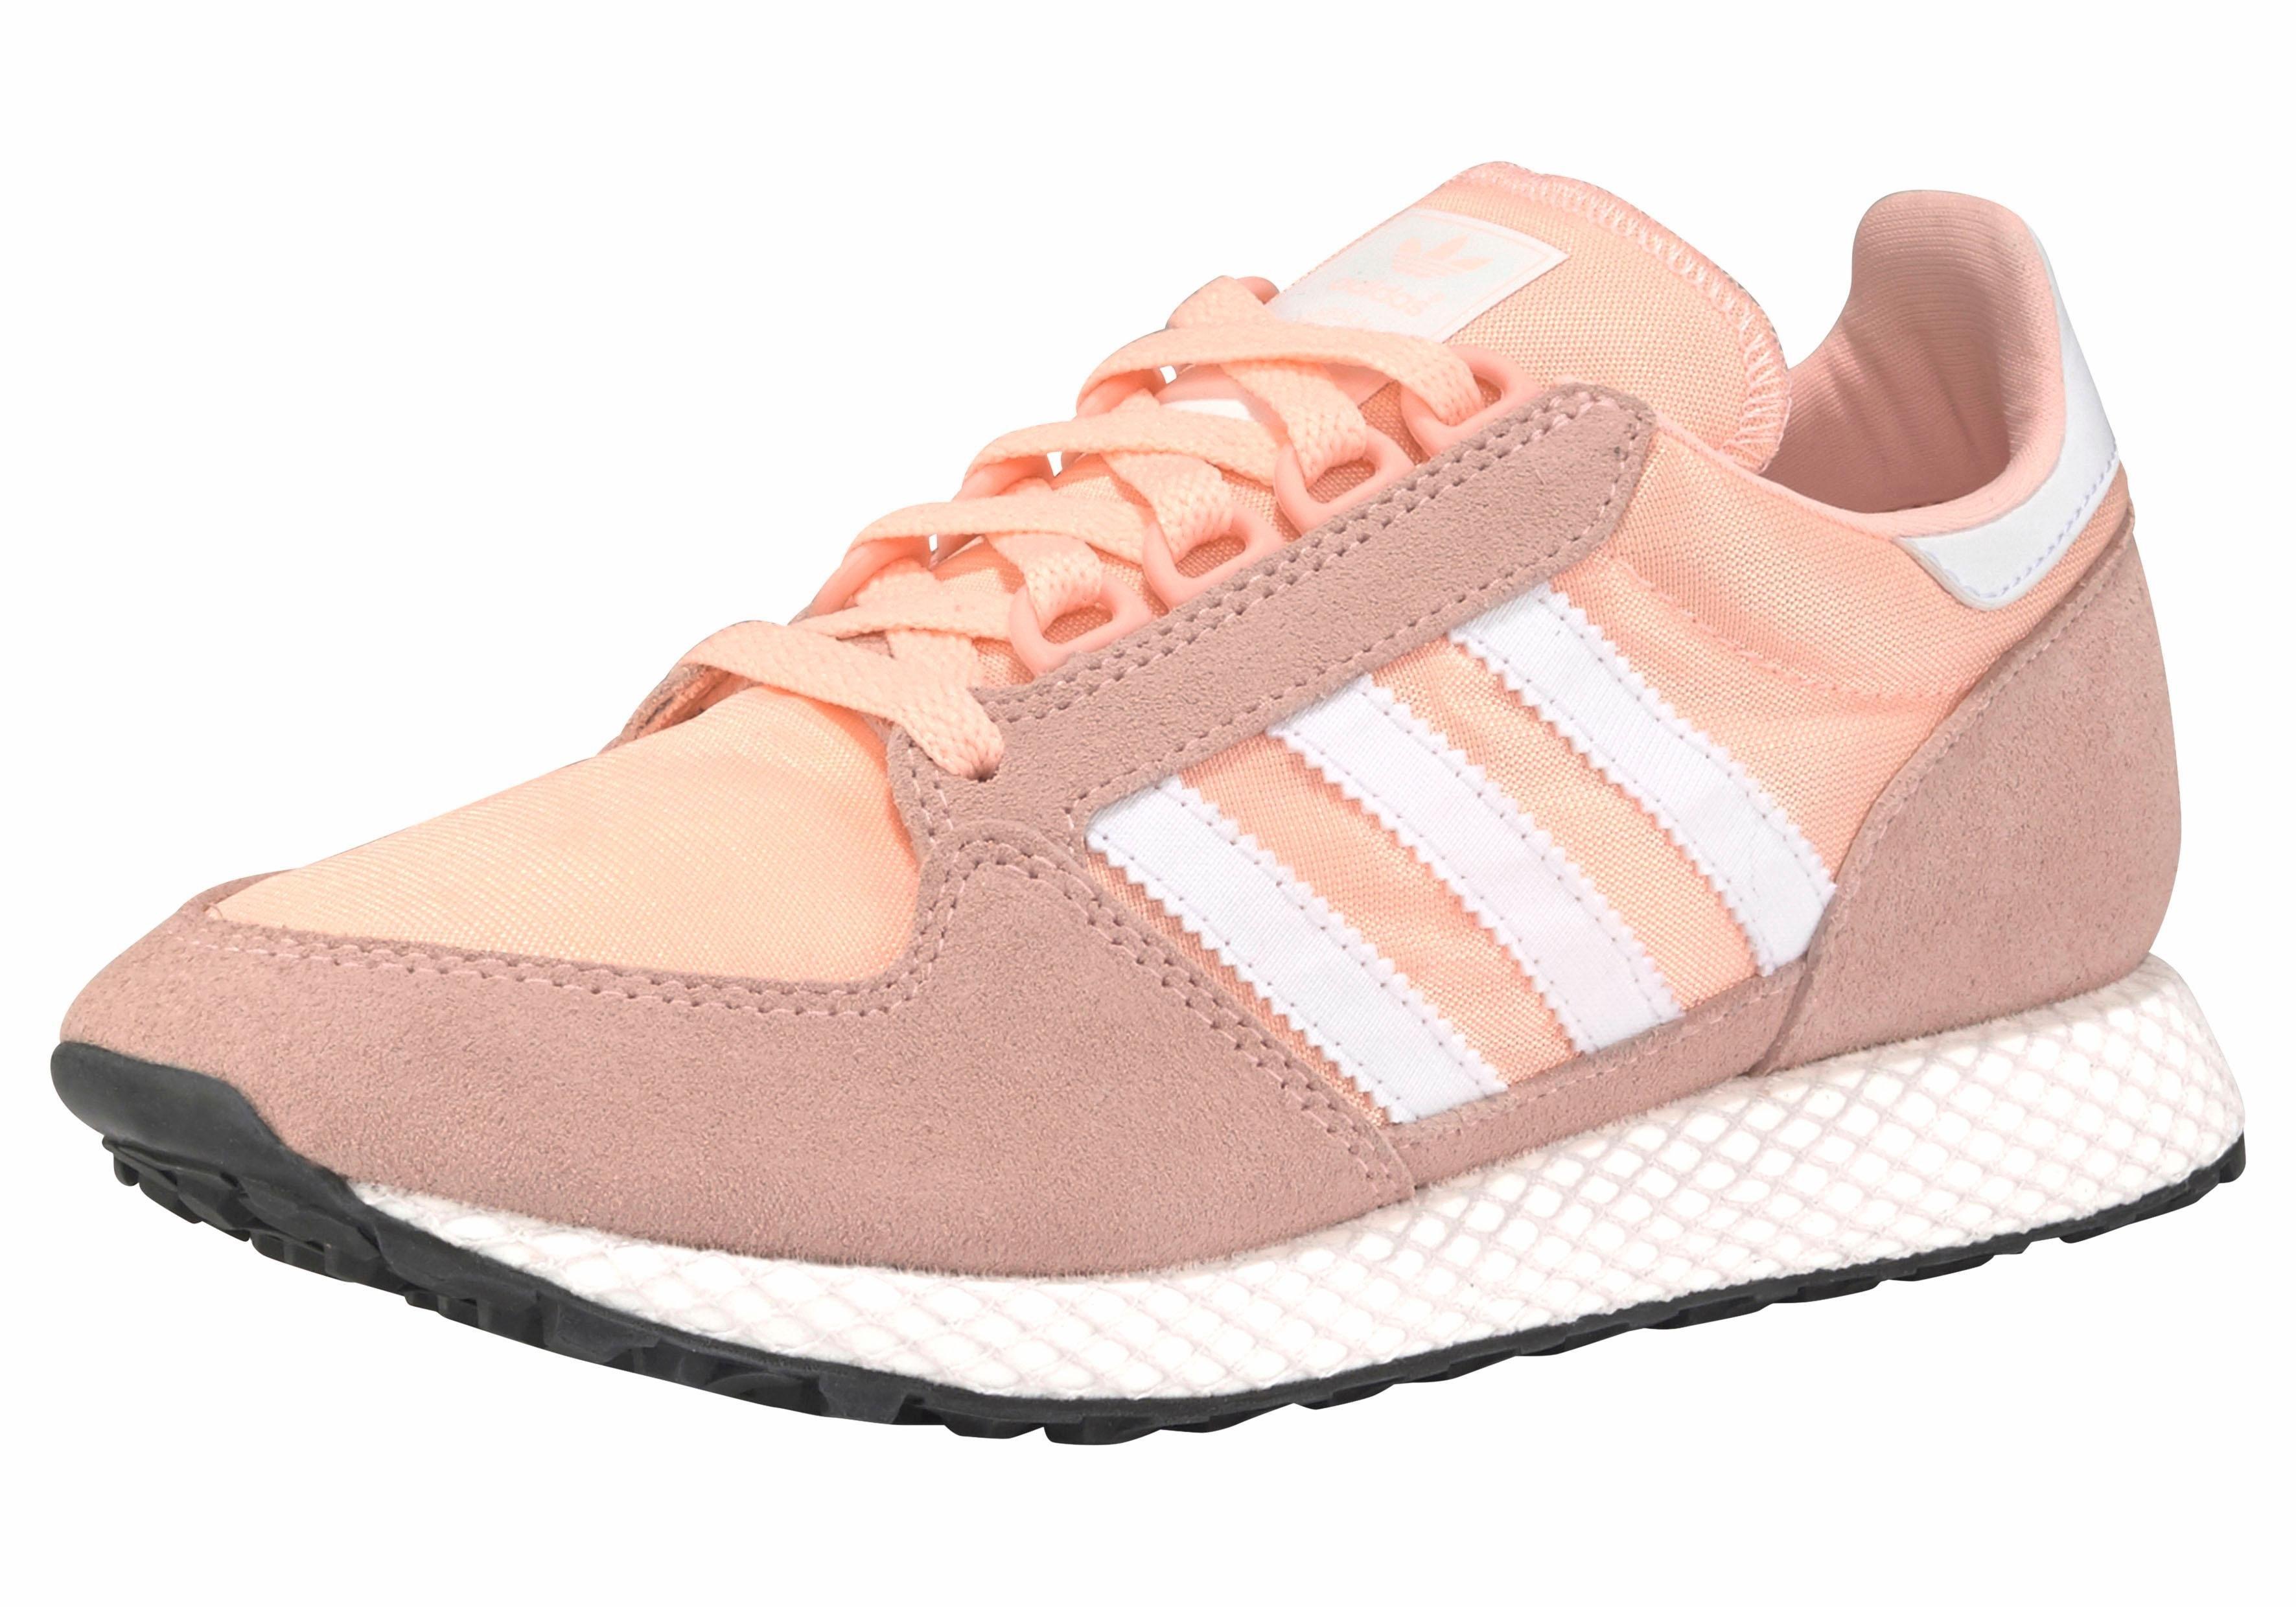 Snel Sneakersforest Grove Adidas Gevonden Originals W mwvnN80